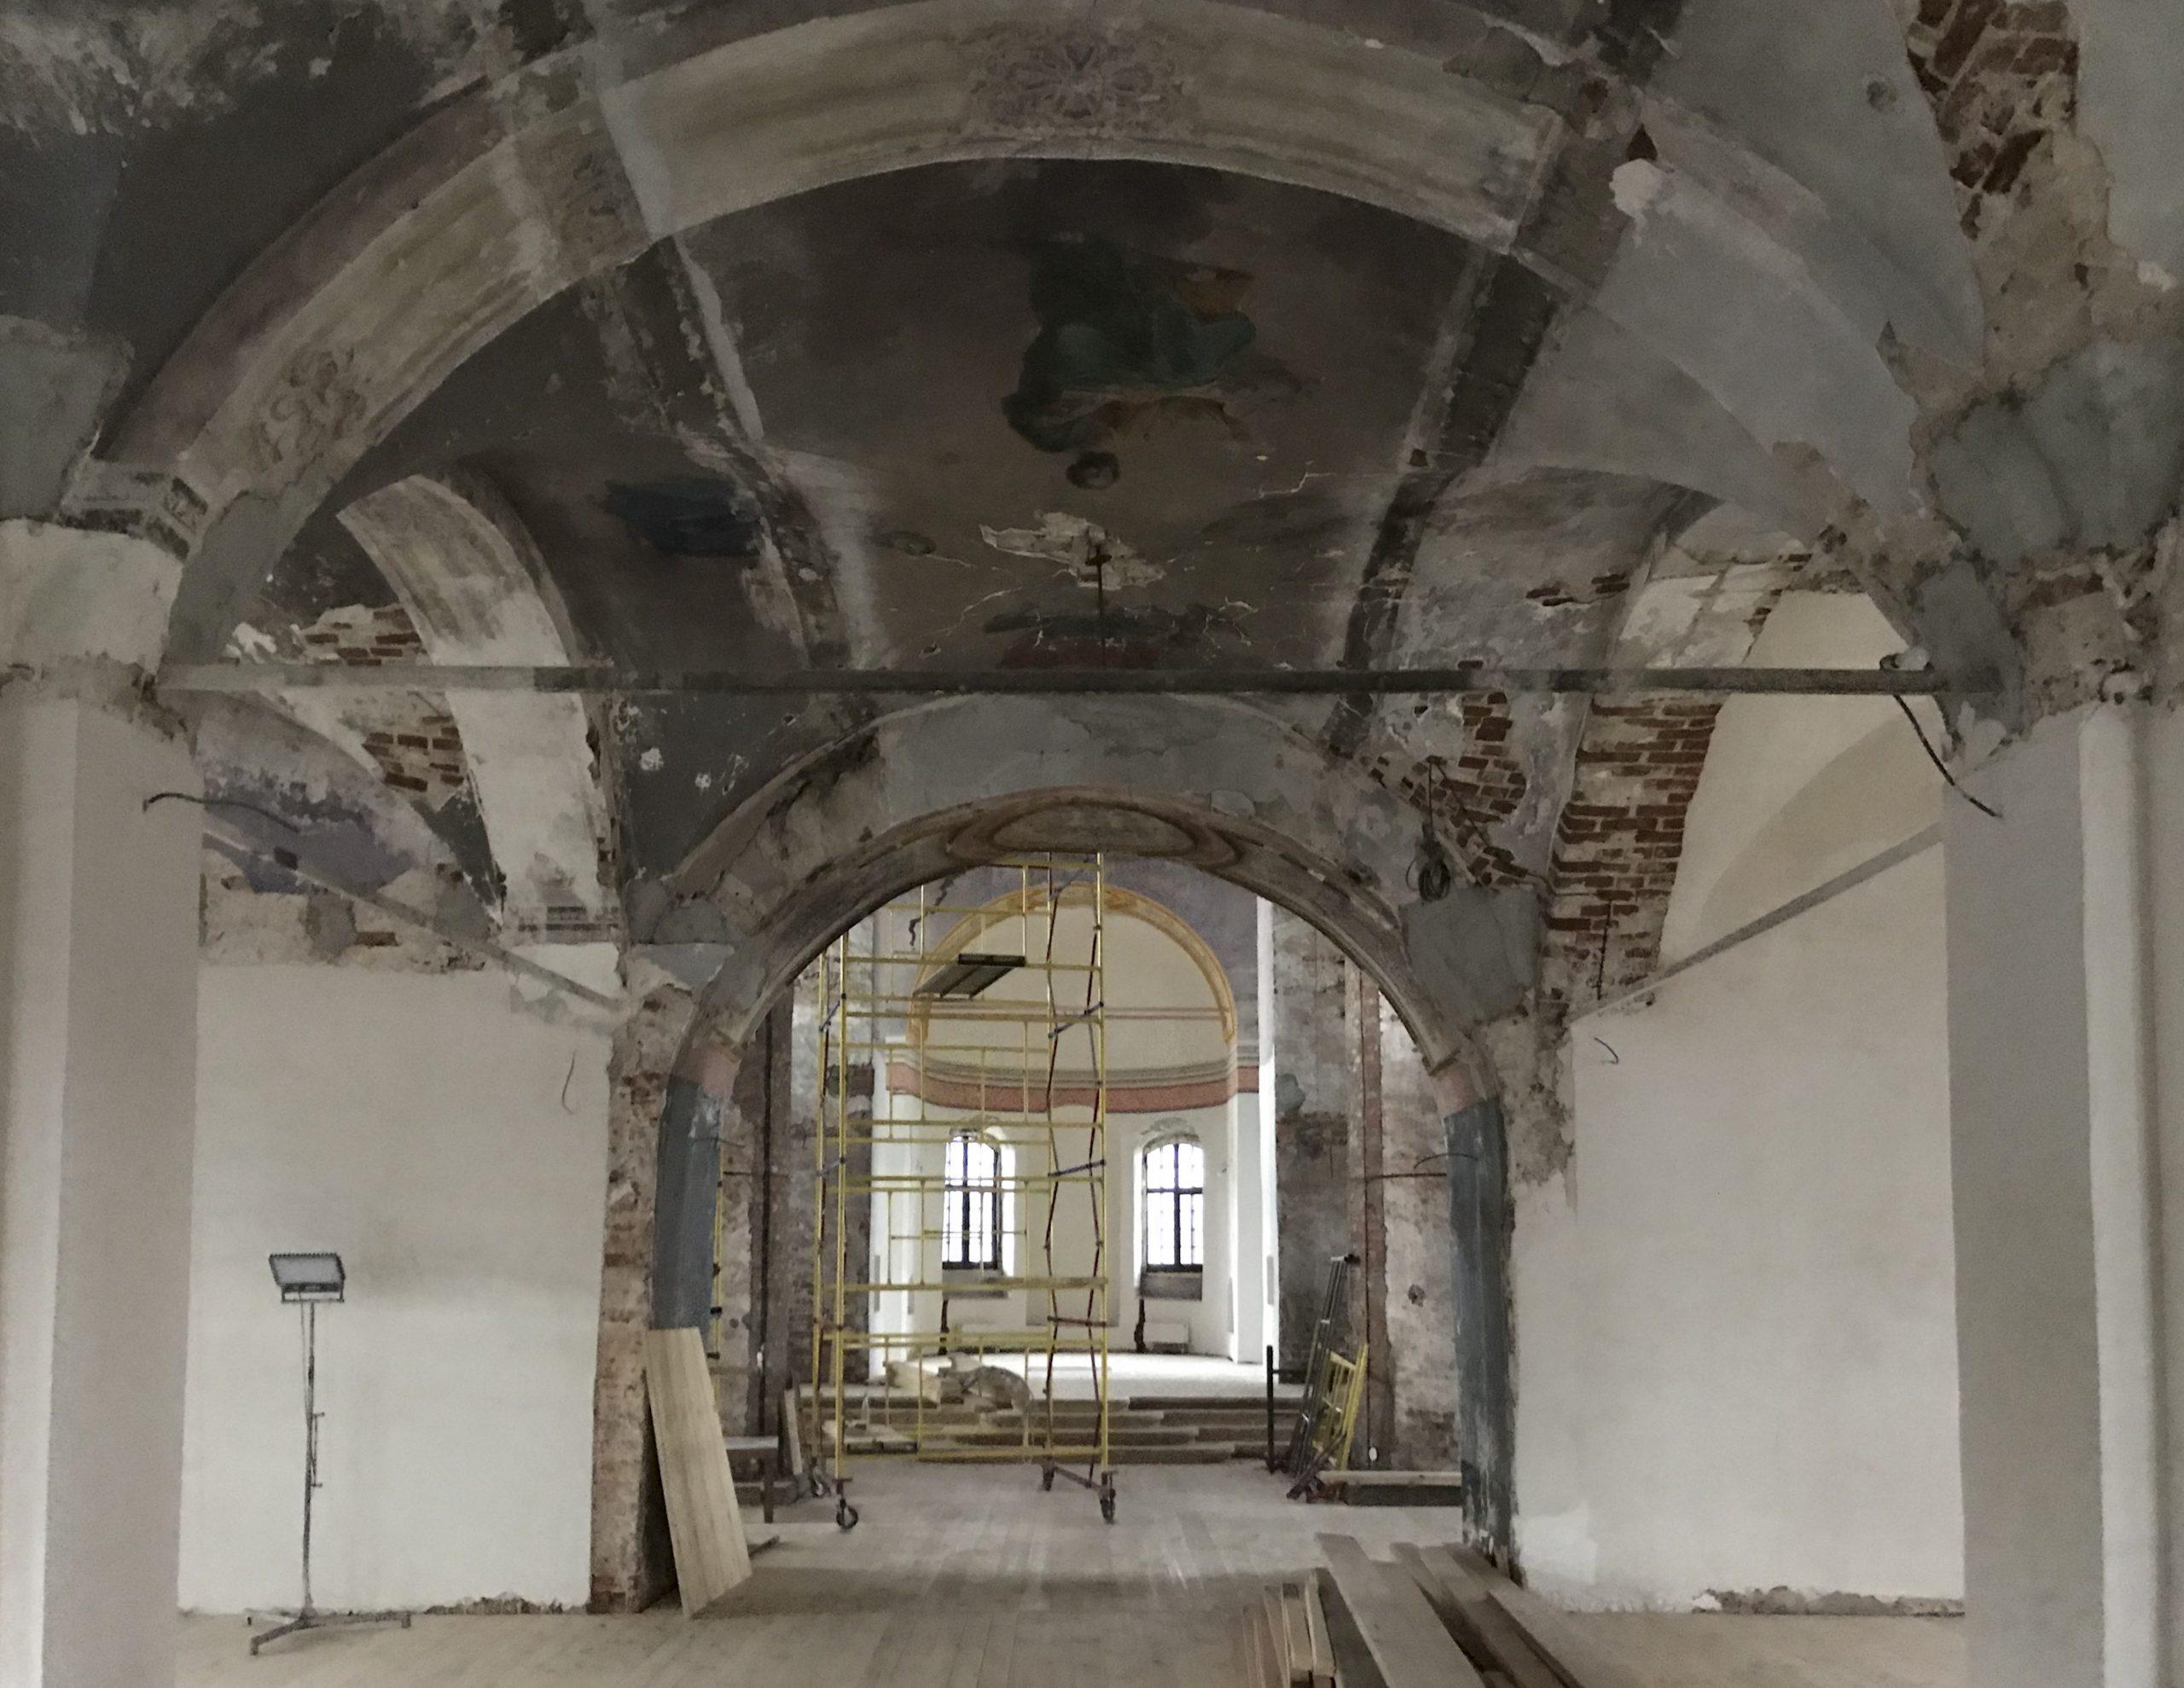 В главном соборе арзамасского мужского монастыря начались ремонтно-реставрационные работы